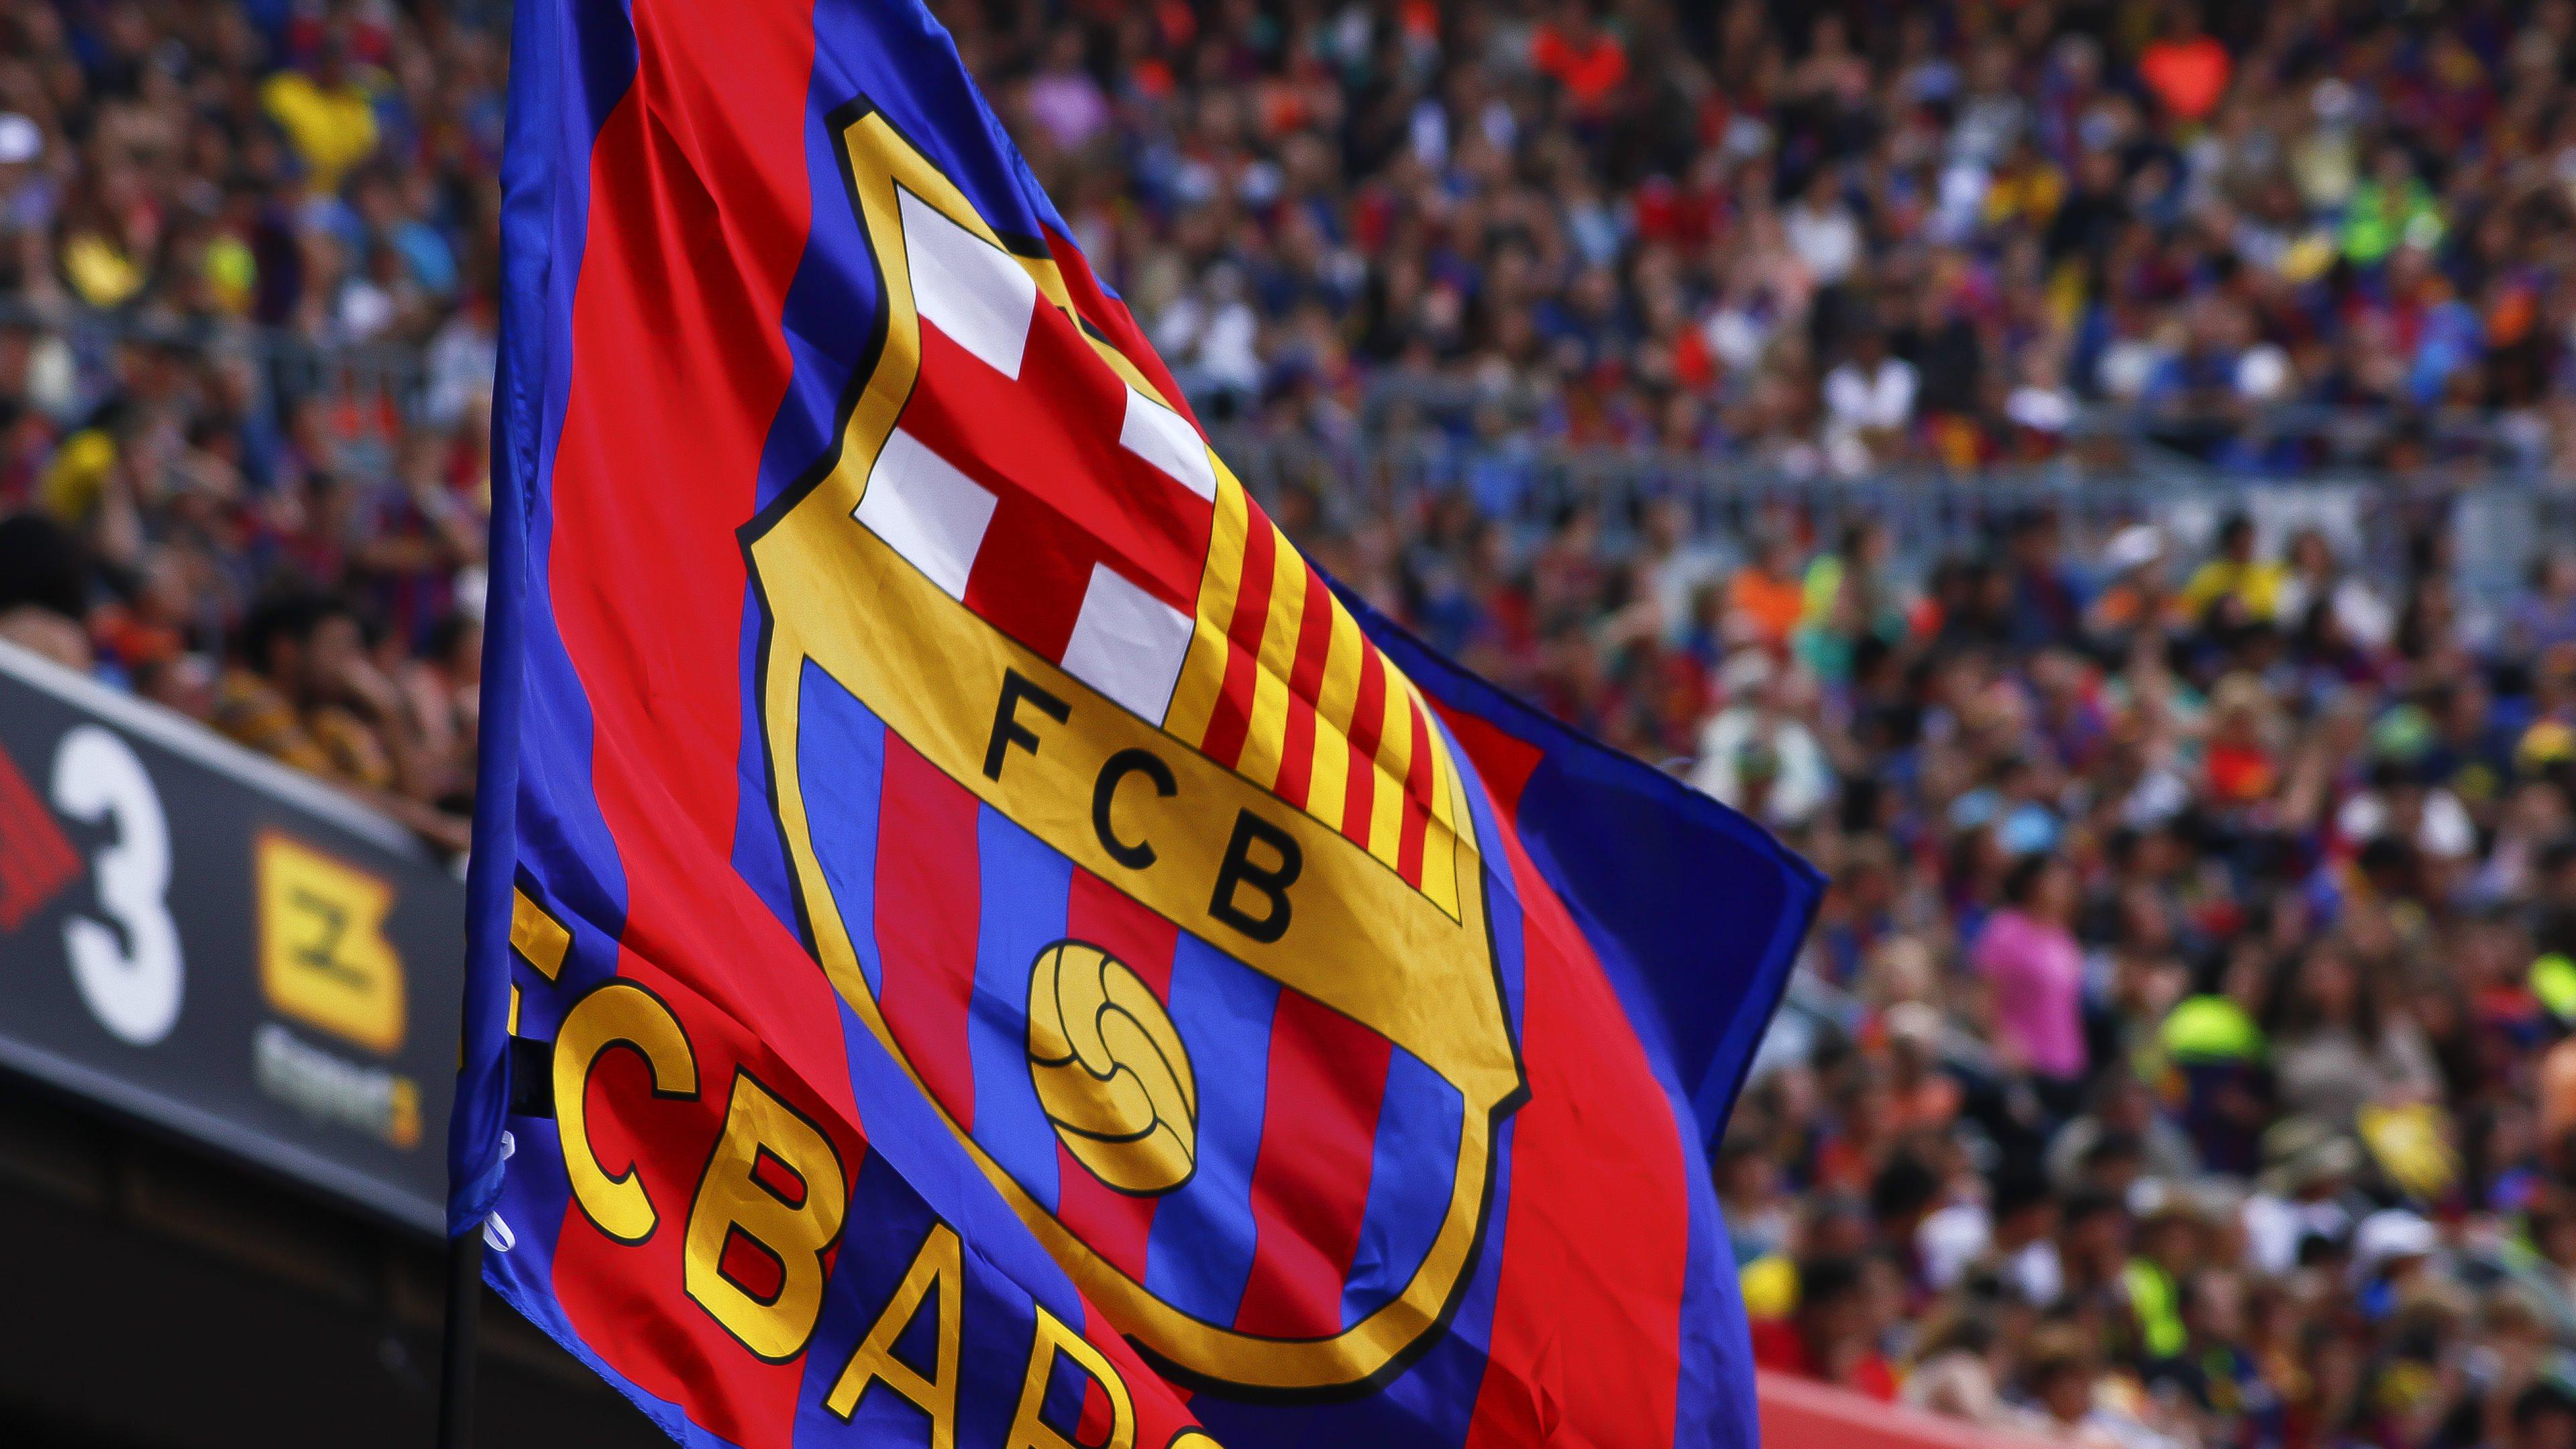 Image Result For Fc Barcelona